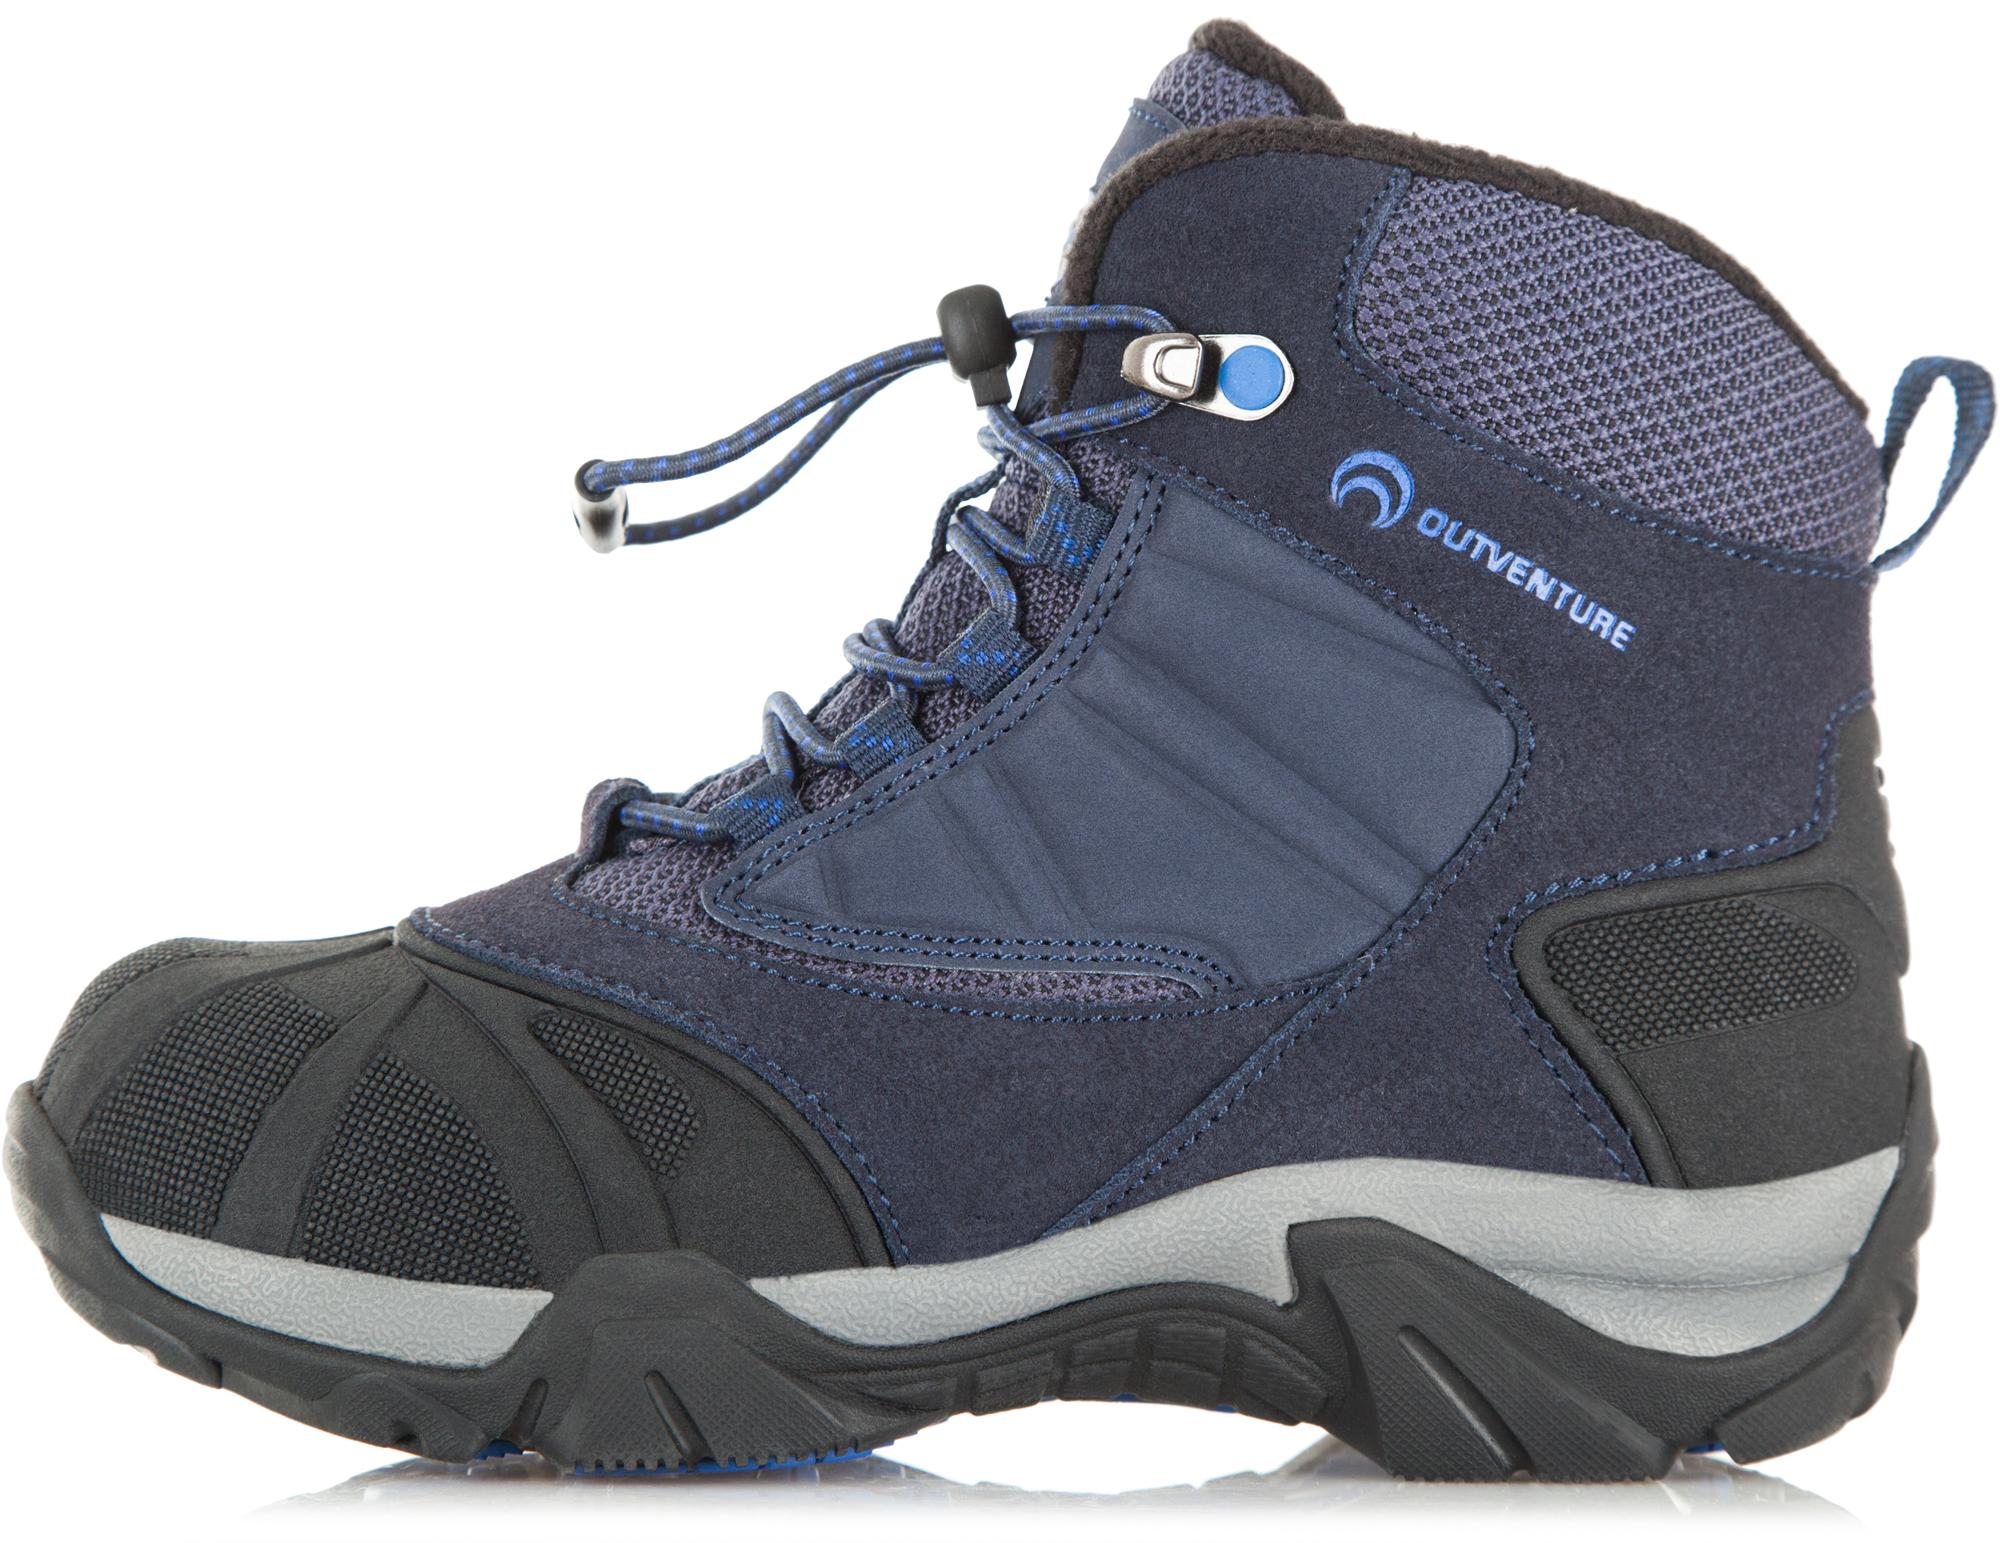 Outventure Ботинки утепленные для мальчиков Outventure Crater III, размер 33 outventure ботинки утепленные для мальчиков outventure